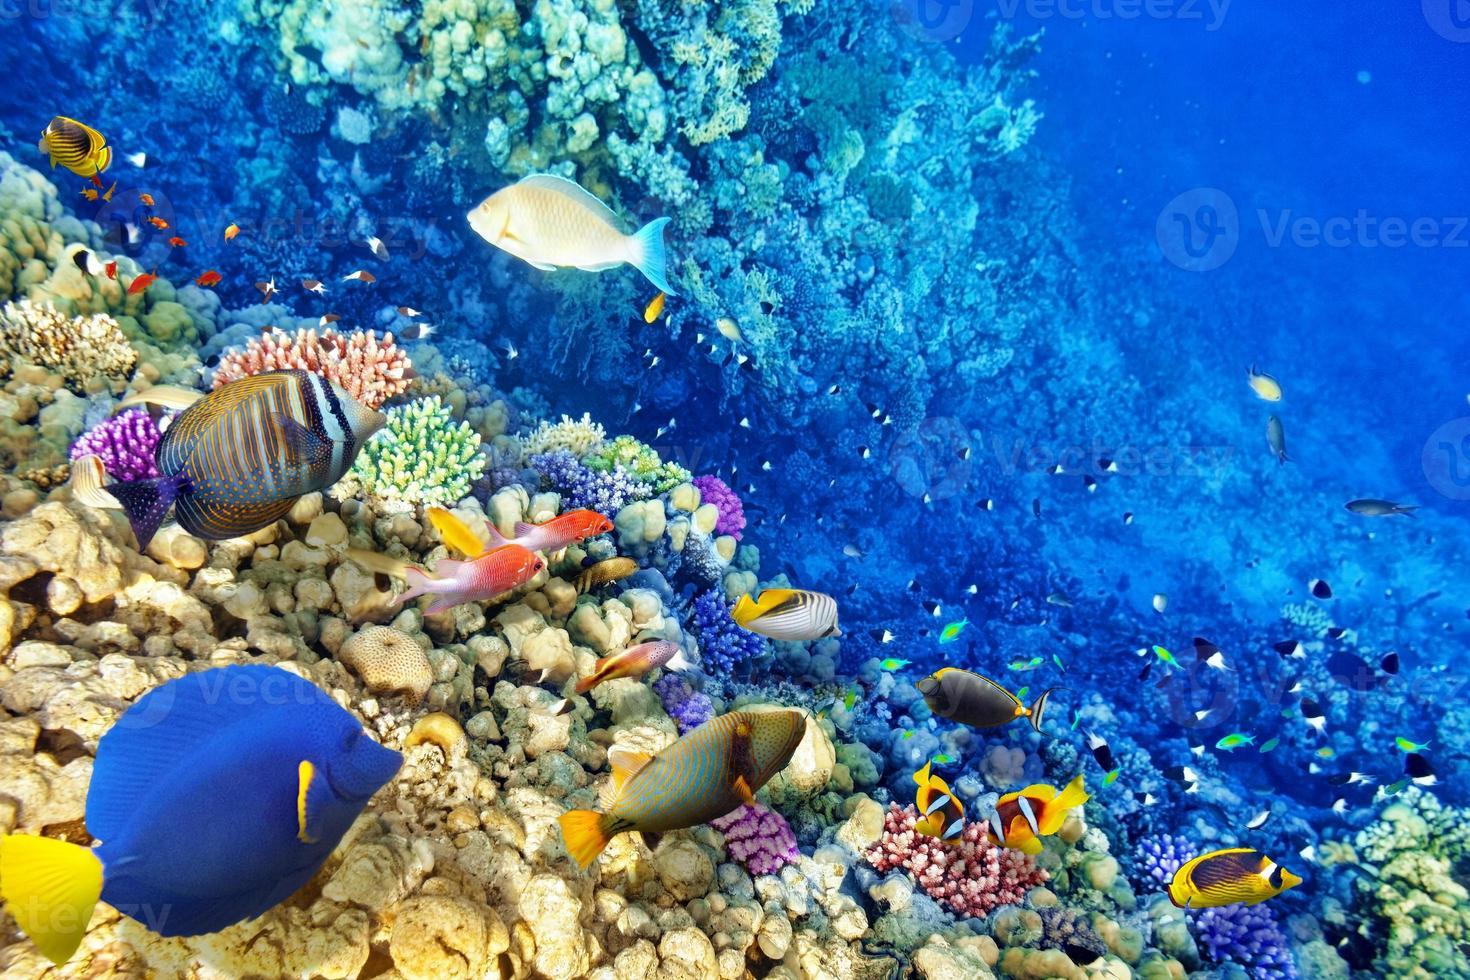 mundo subaquático com corais e peixes tropicais. foto